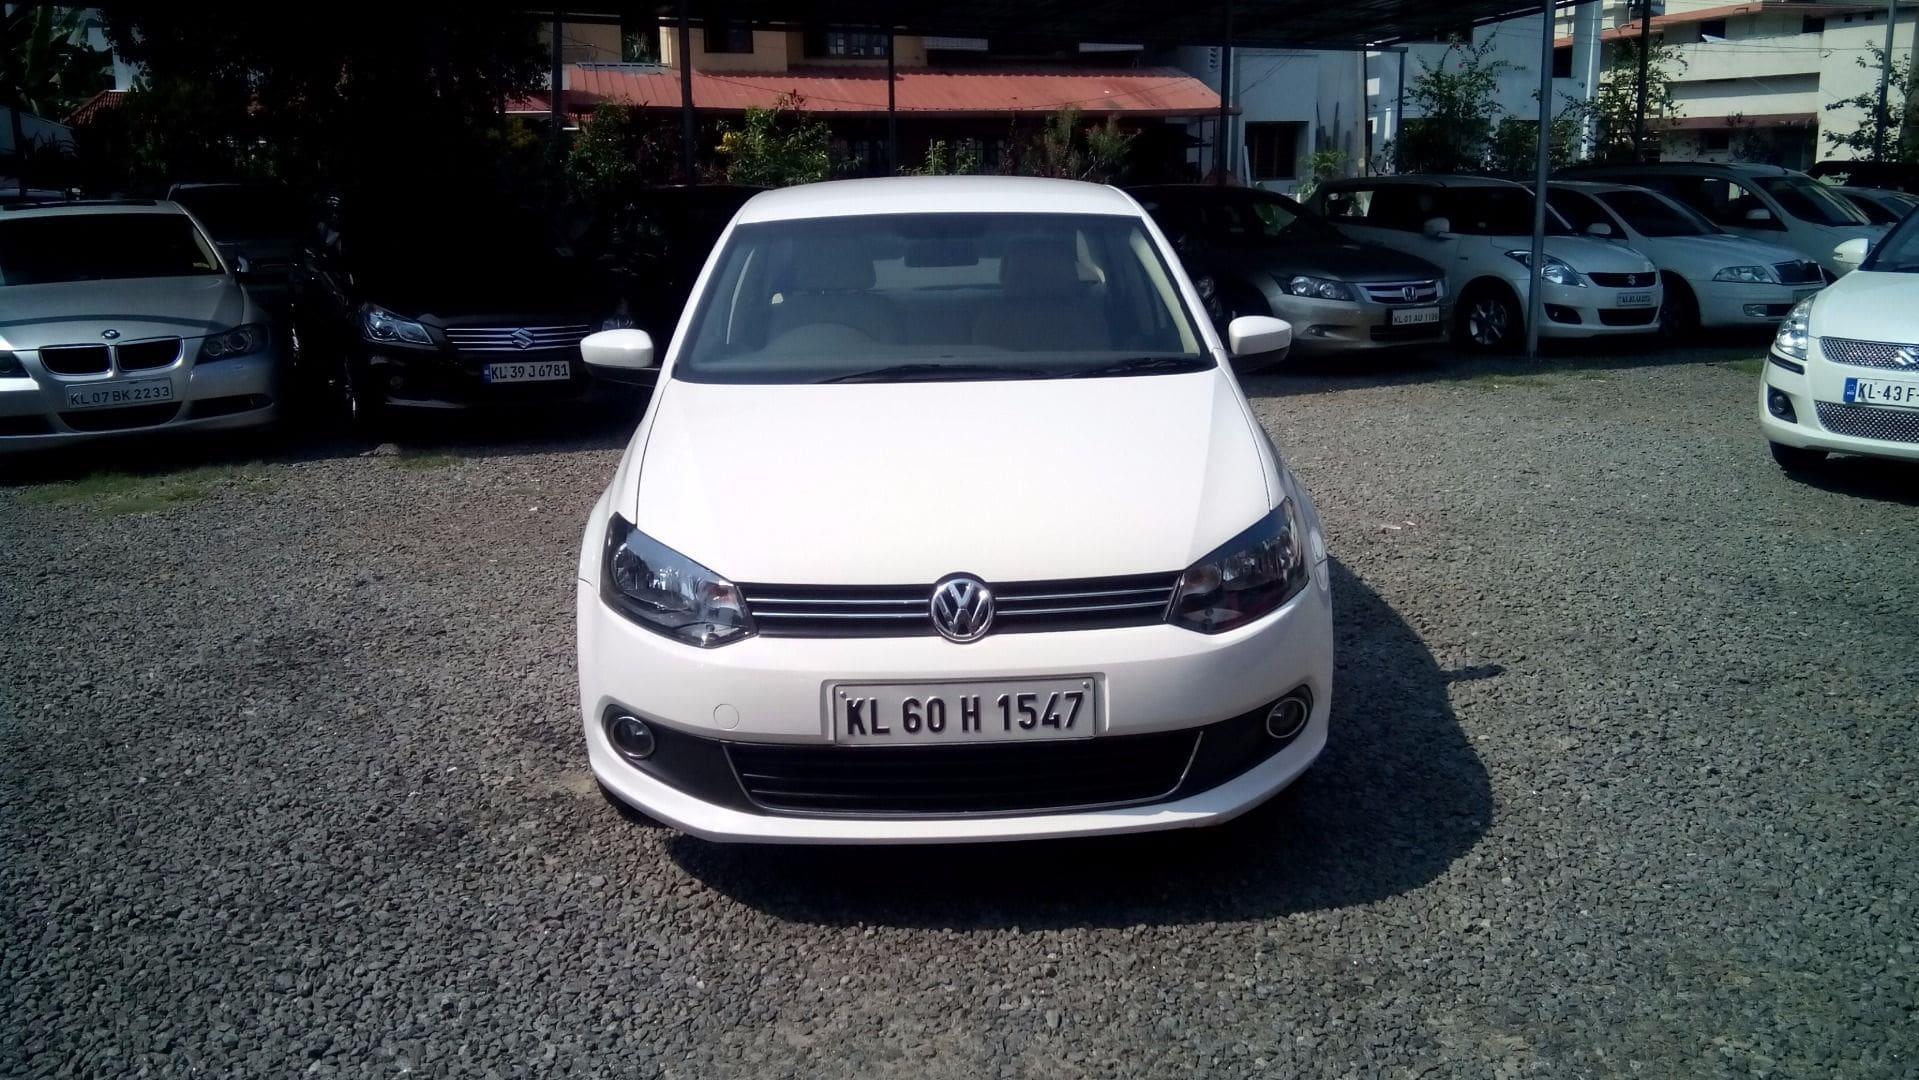 inventory vehicle gti img in volkswagen en golf edition cars berwick wolfsburg used